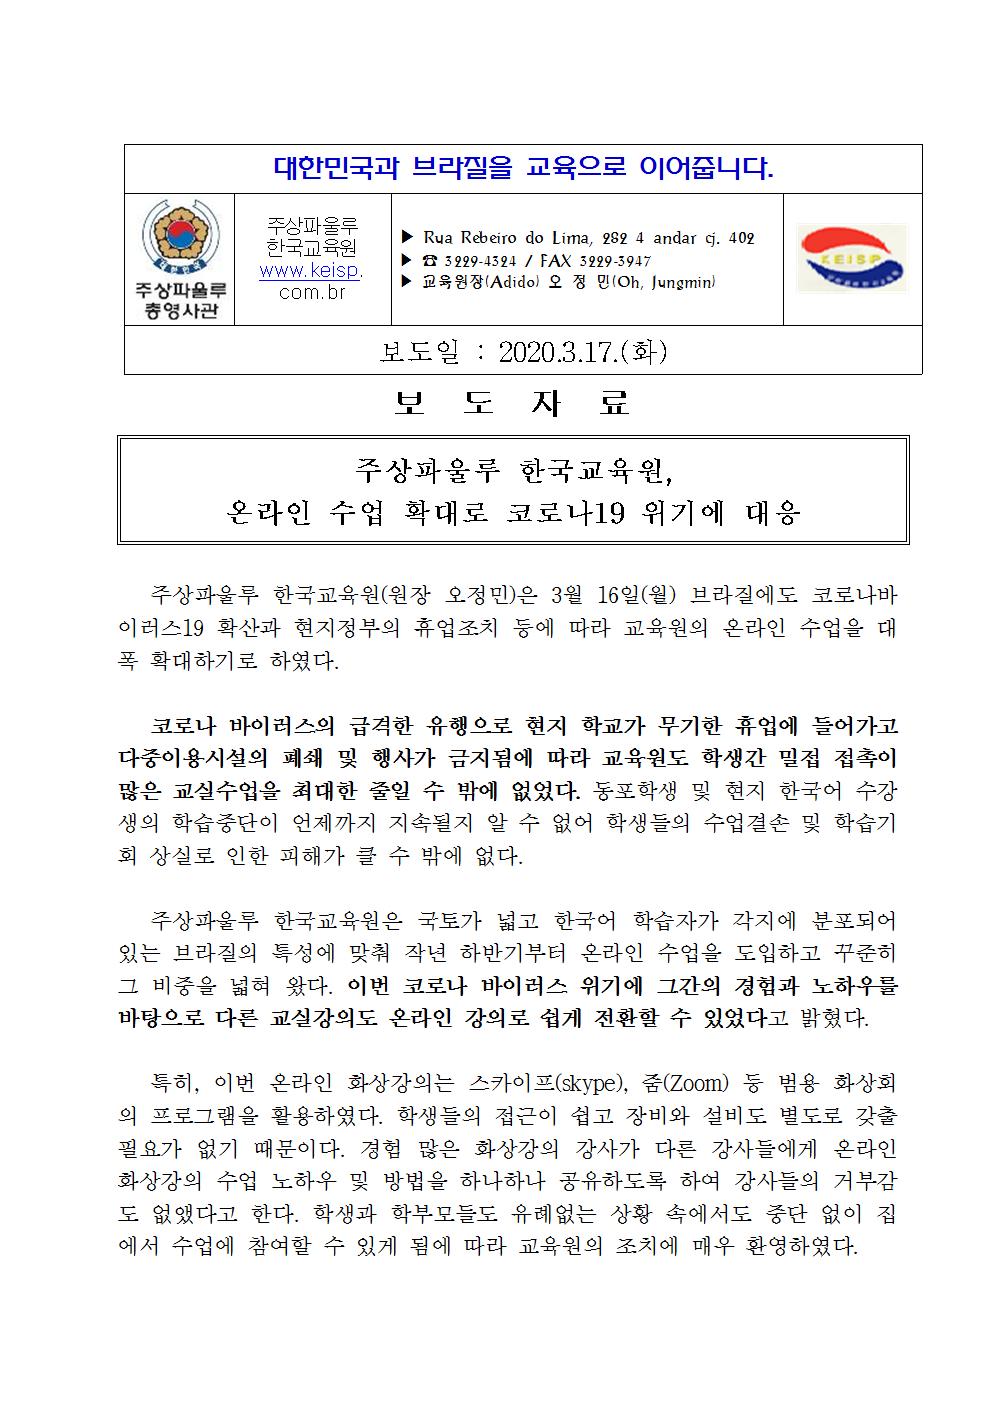 200317 교육원, 온라인 수업으로 코로나 위기에 대응001.png